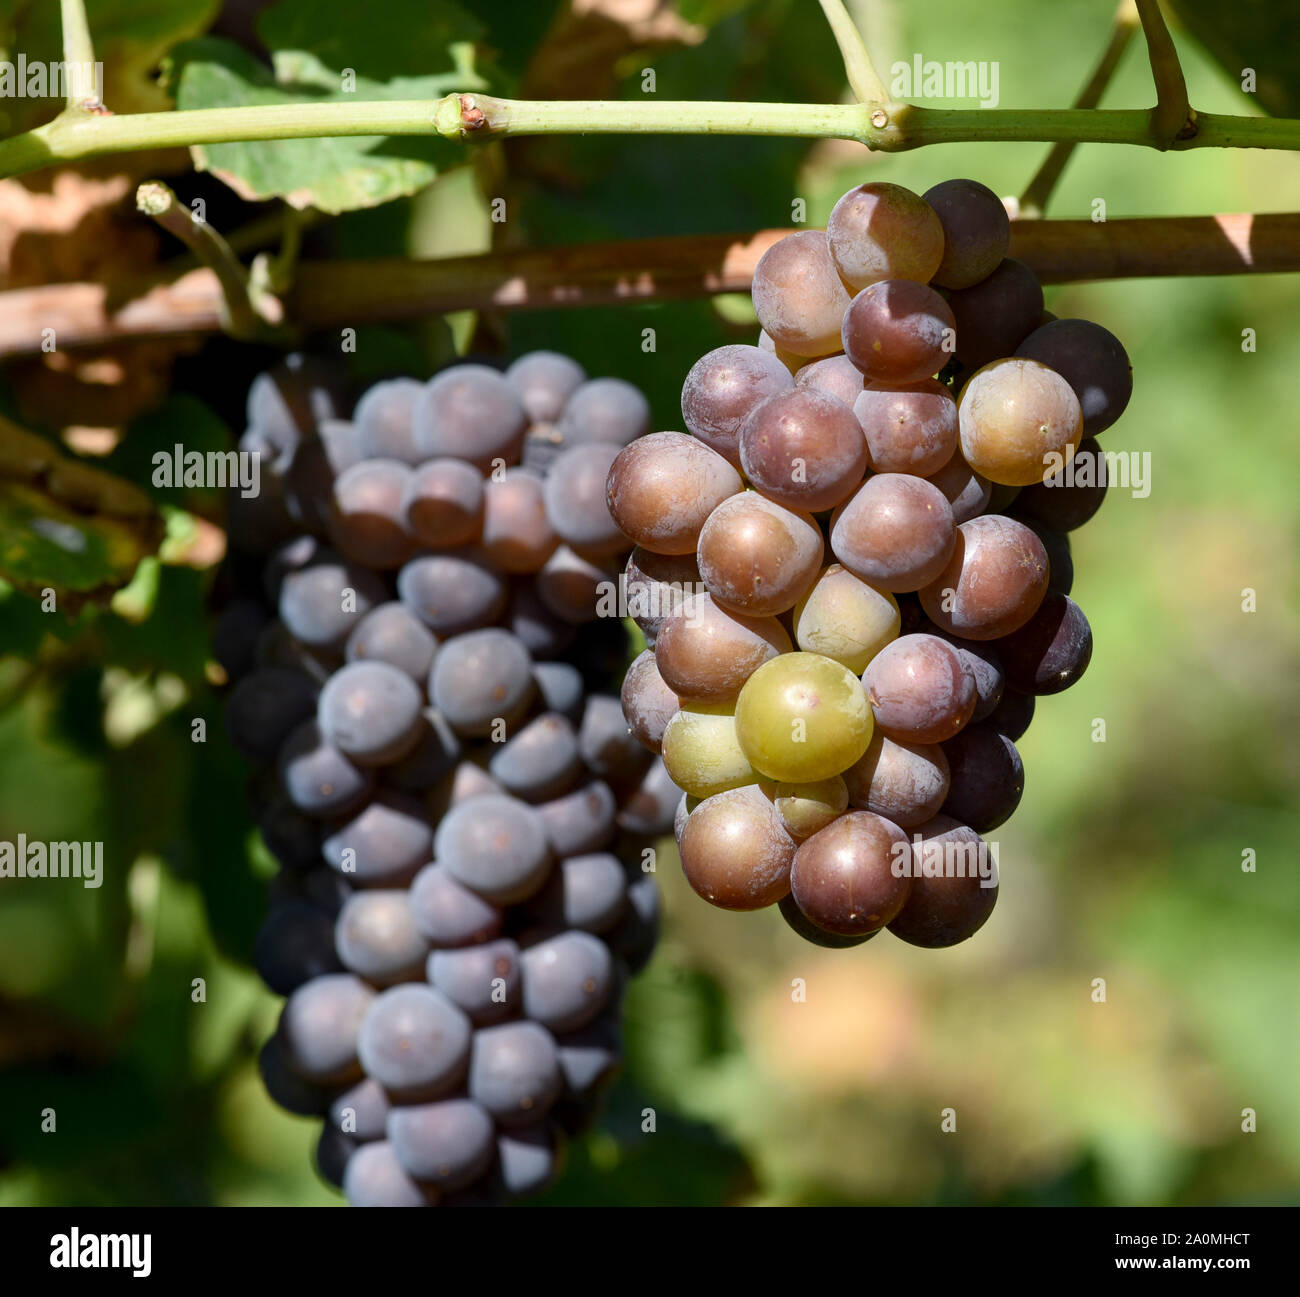 Grauburgunder, Pinot gris, auch genannt Rulaender ist eine Weissweinsorte, die hauptsaechlich am Rhein und an der Mosel zu Wein vergoren wird. The Gra Stock Photo